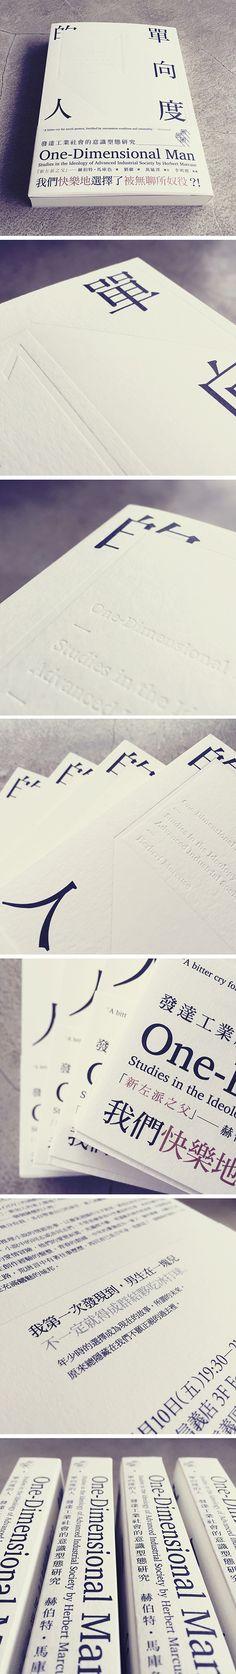 書籍設計:王志弘 - 單向度的人